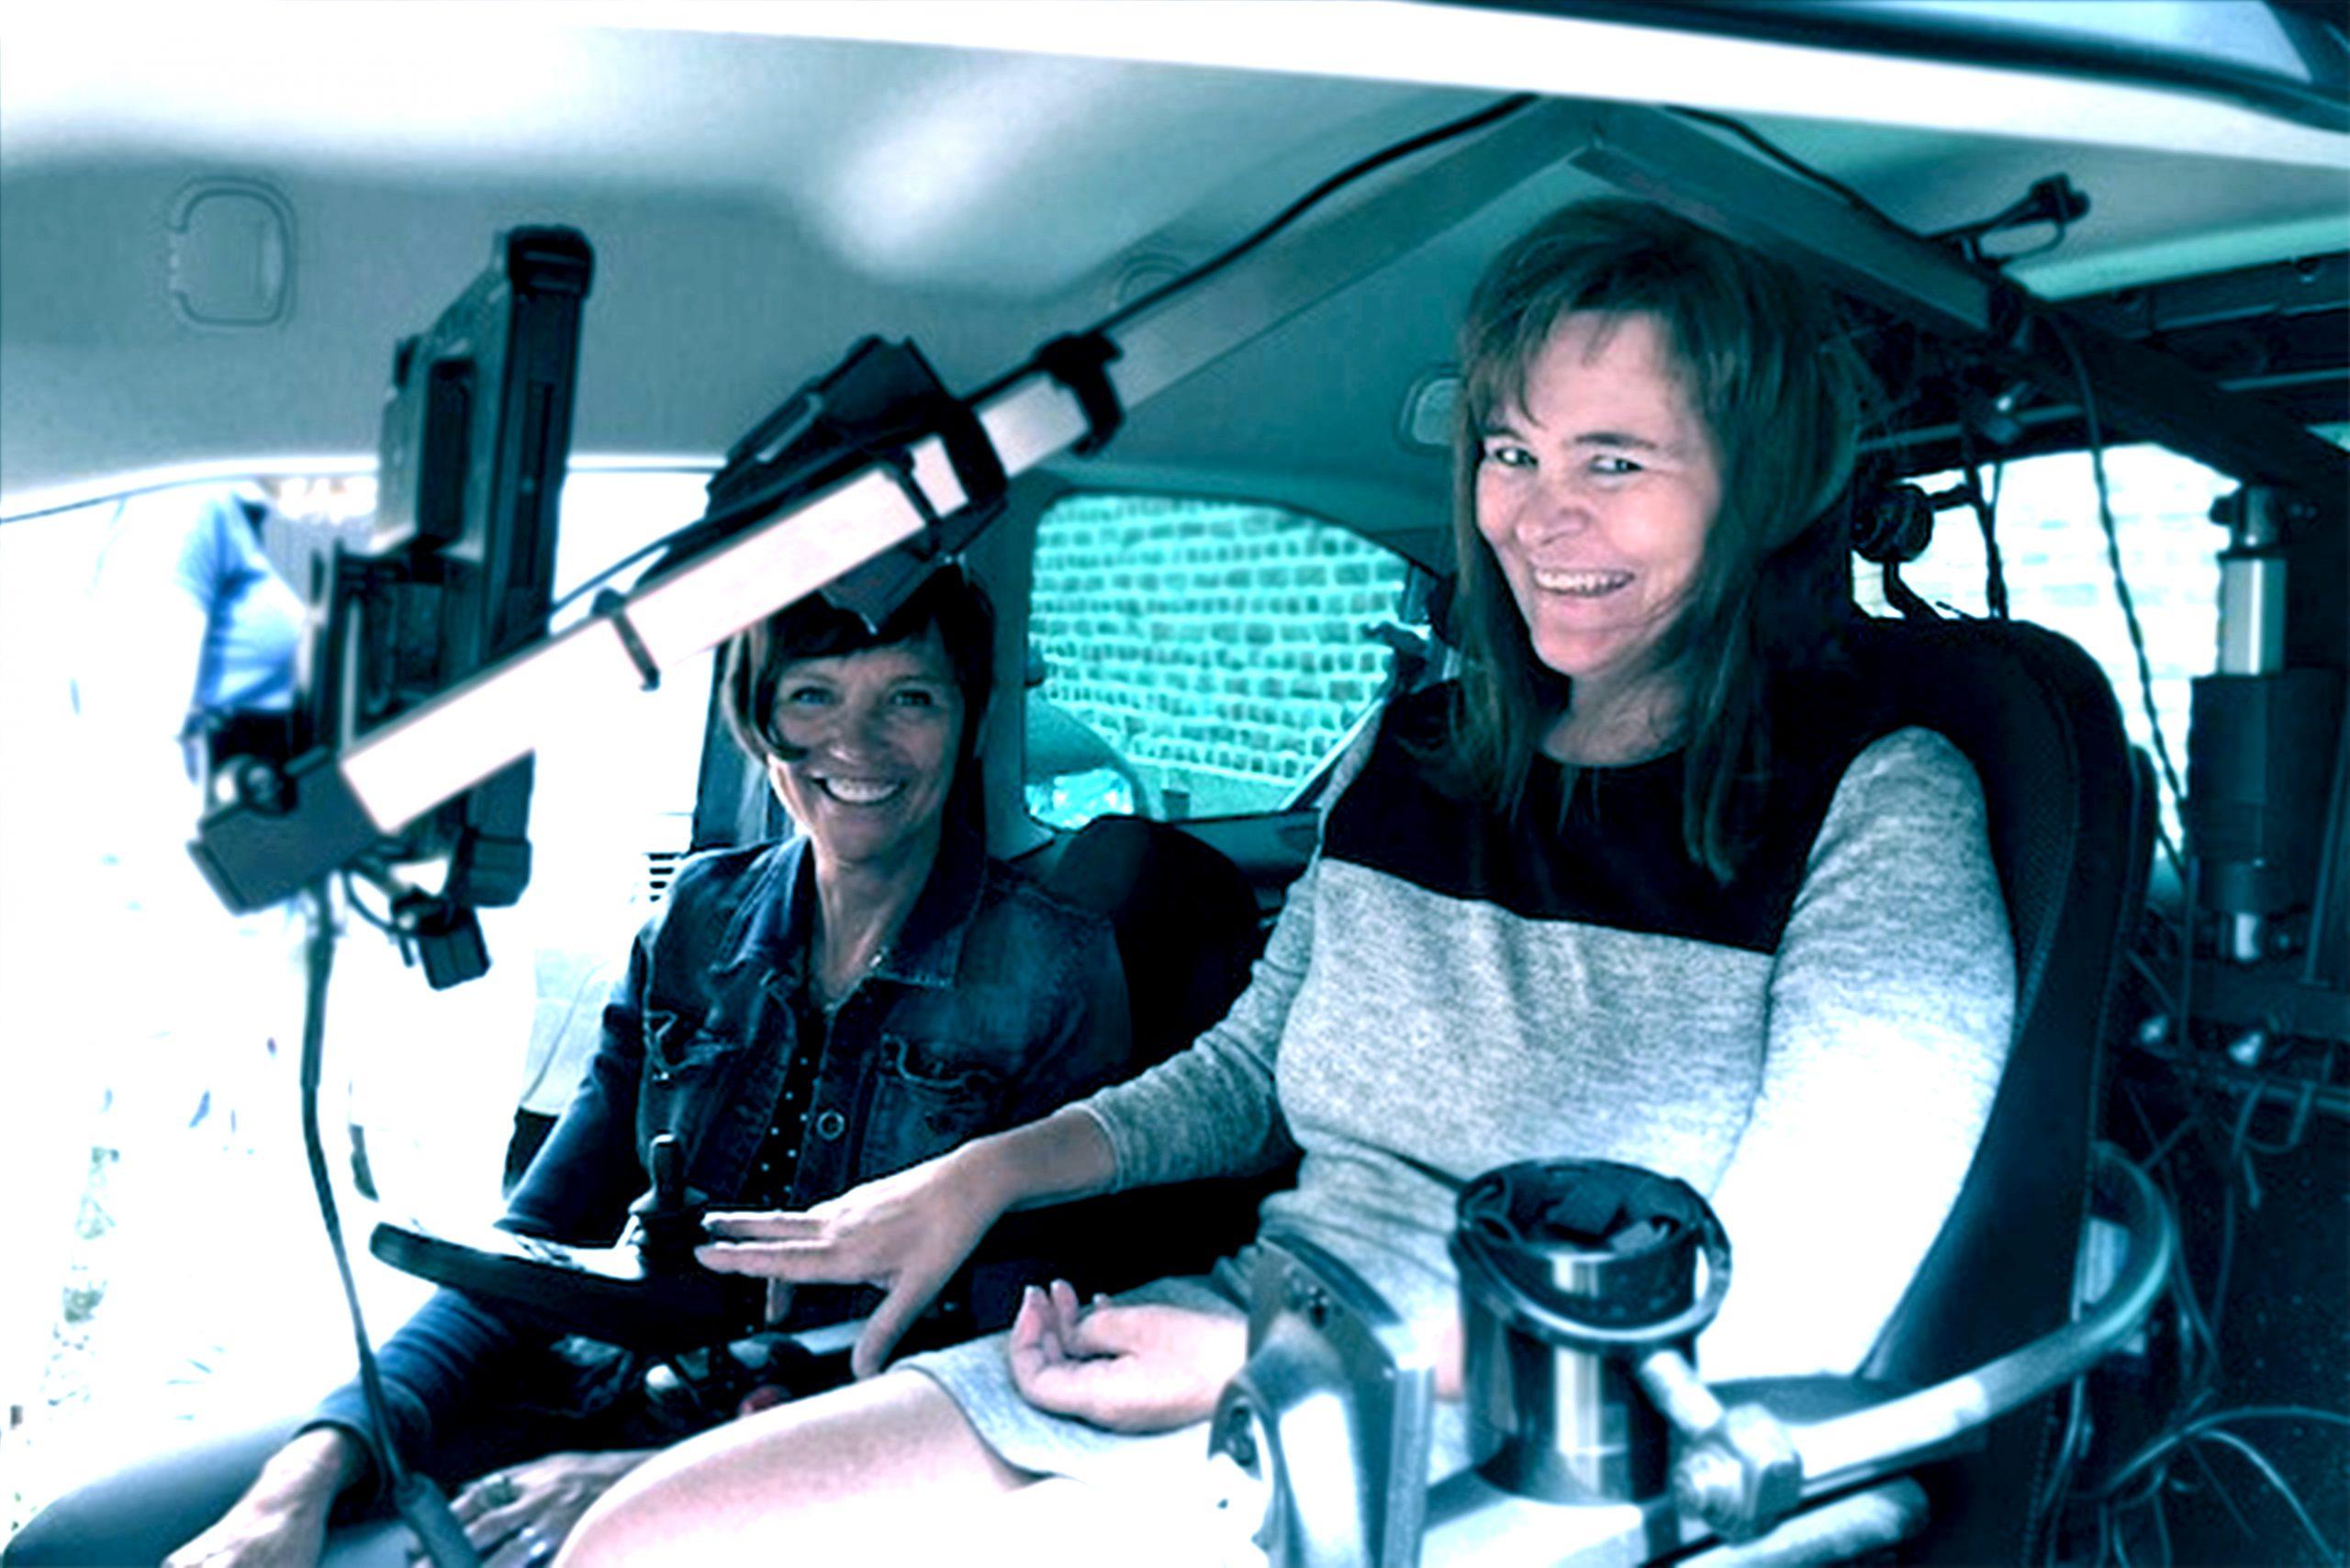 2 vrouwen in wagen met hulpmiddel ©xTimeS